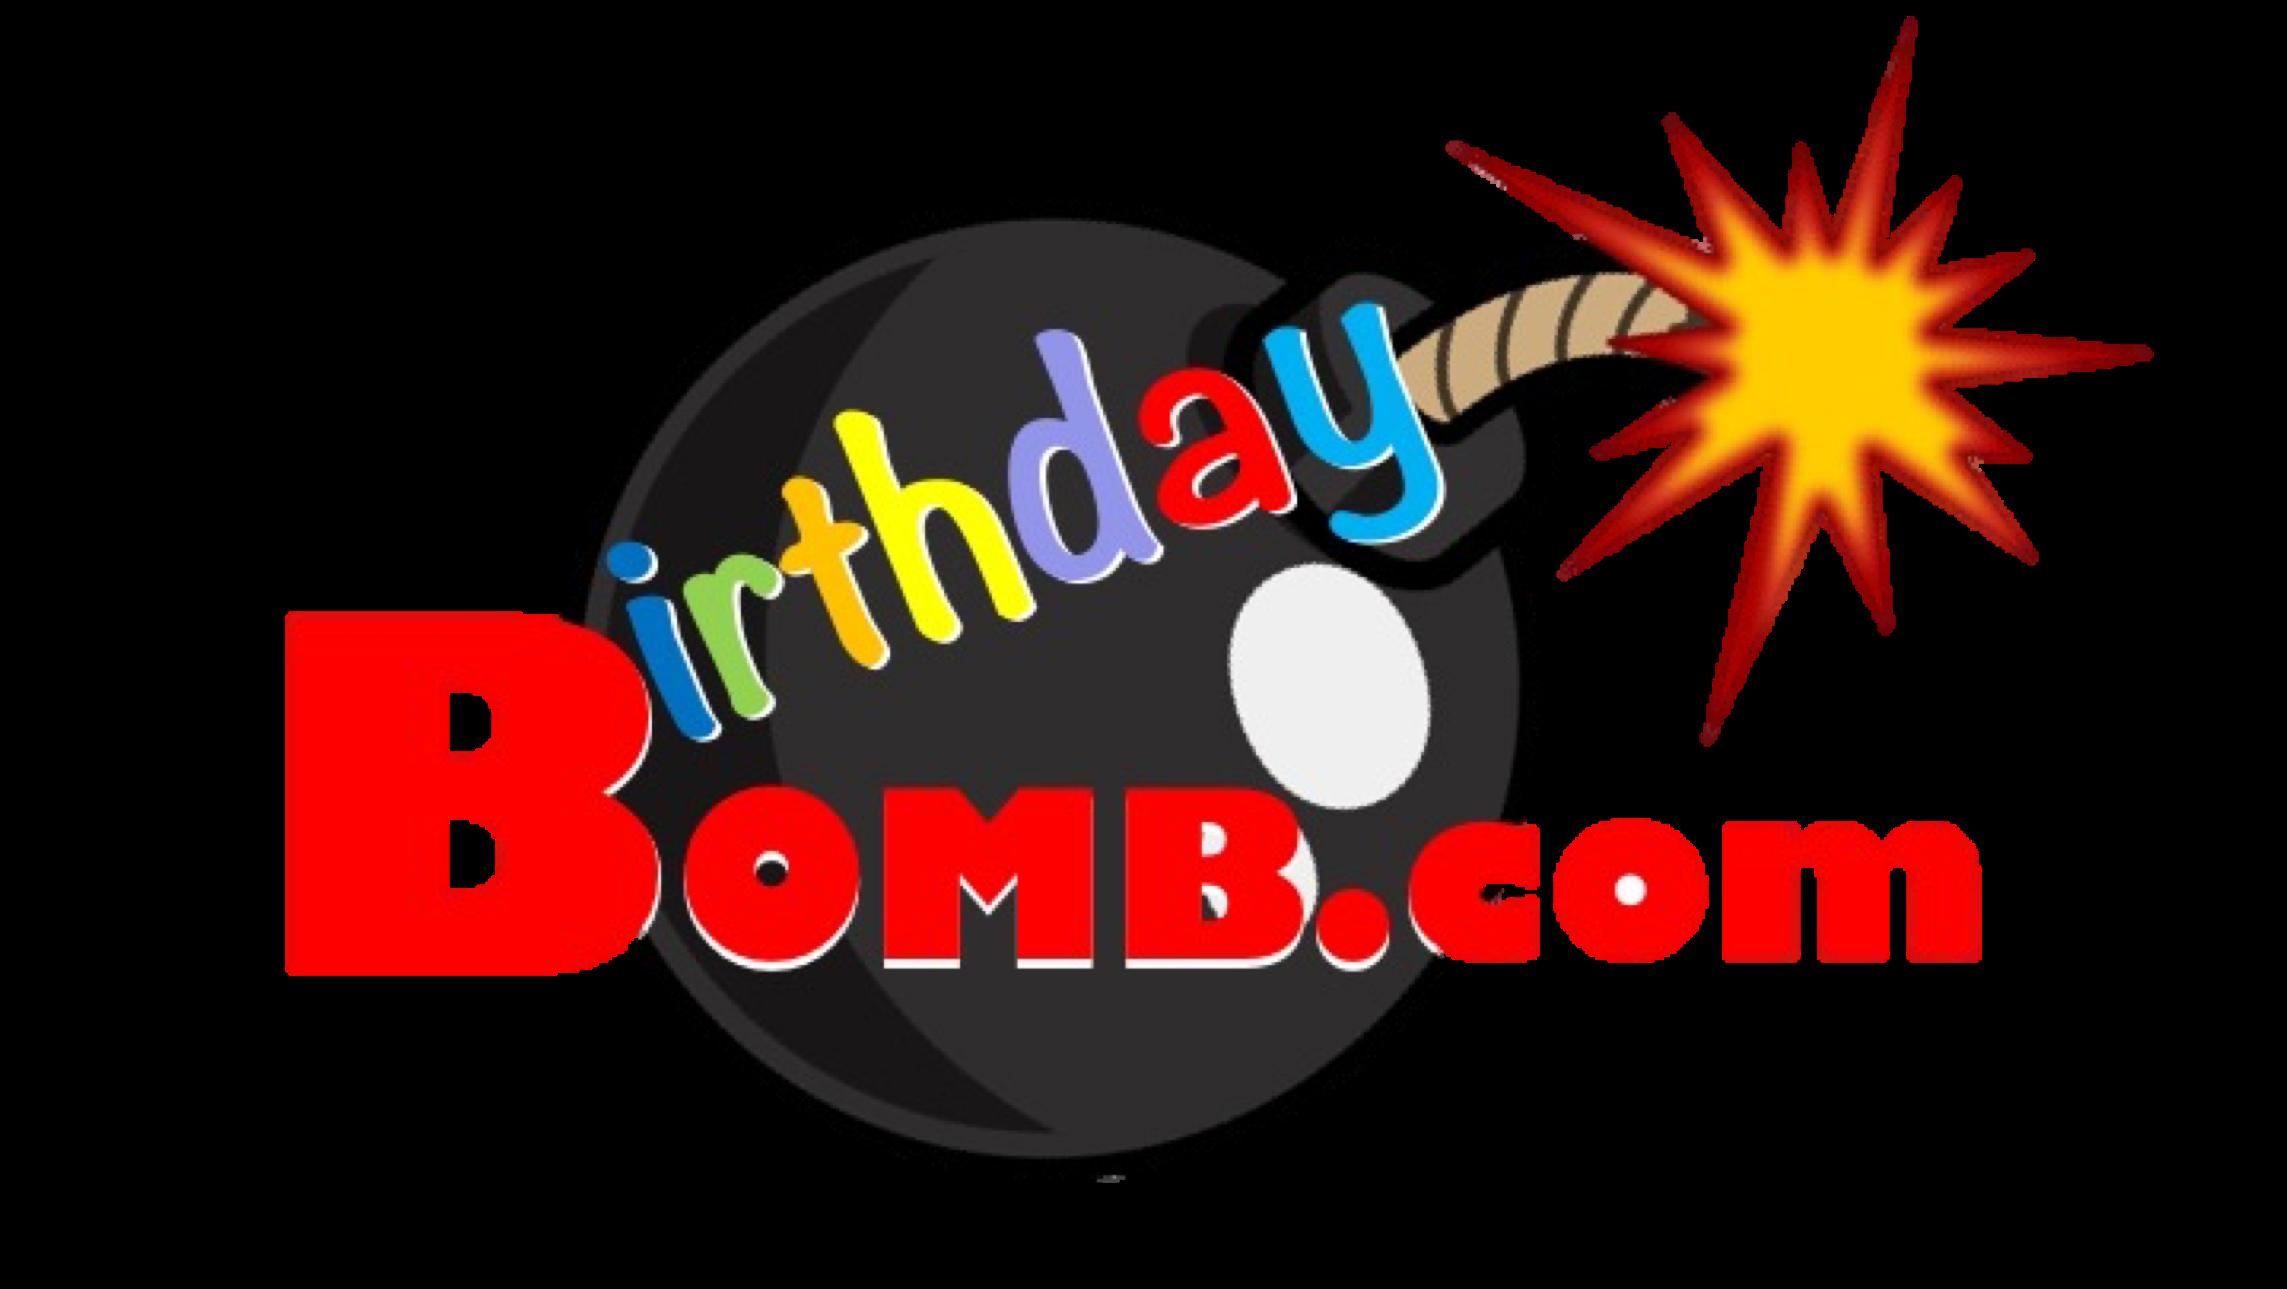 BirthdayBomb.com